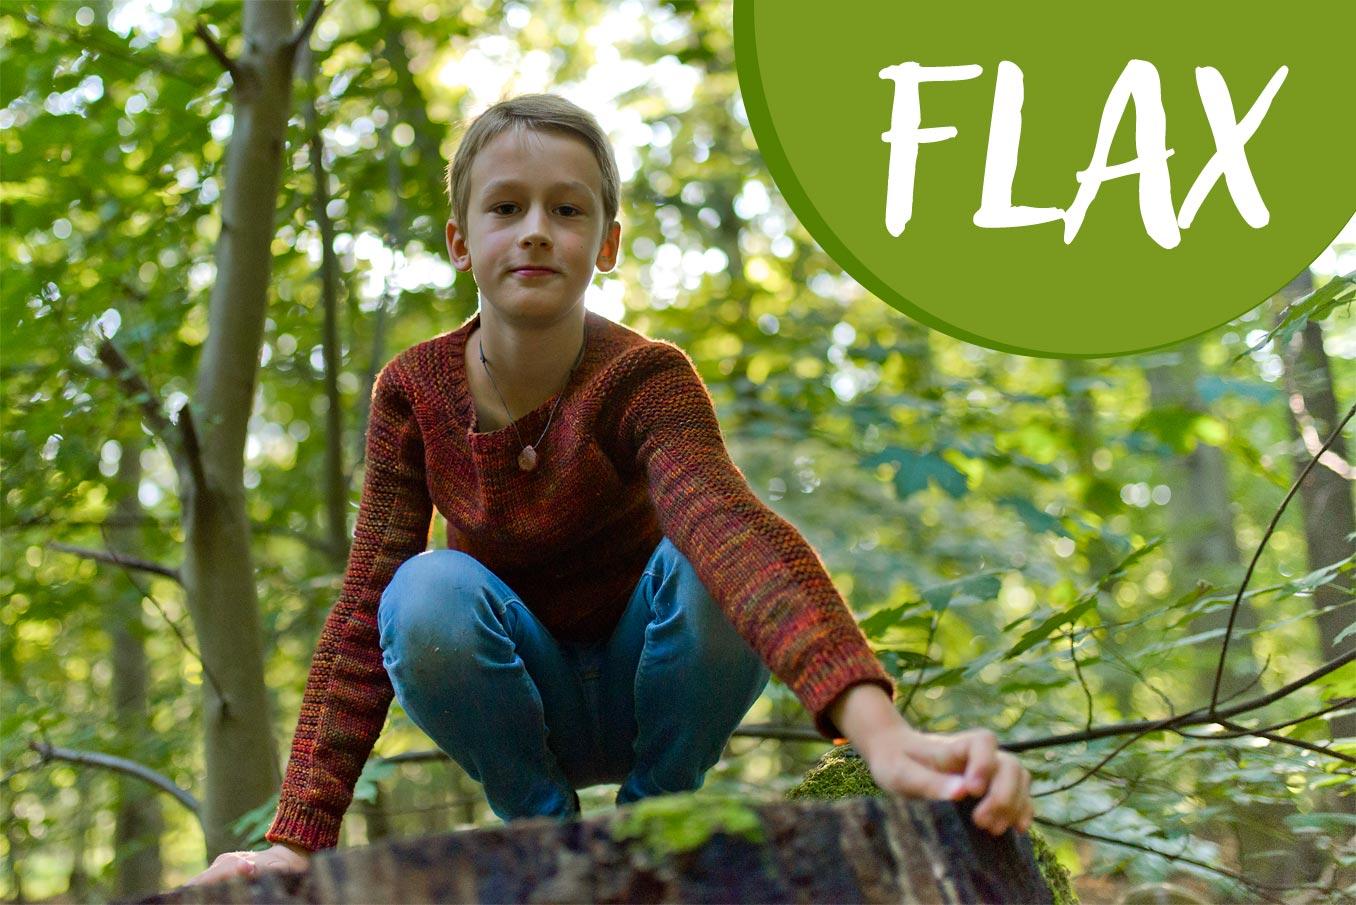 """Bild für Beitrag """"Flax"""" 1"""